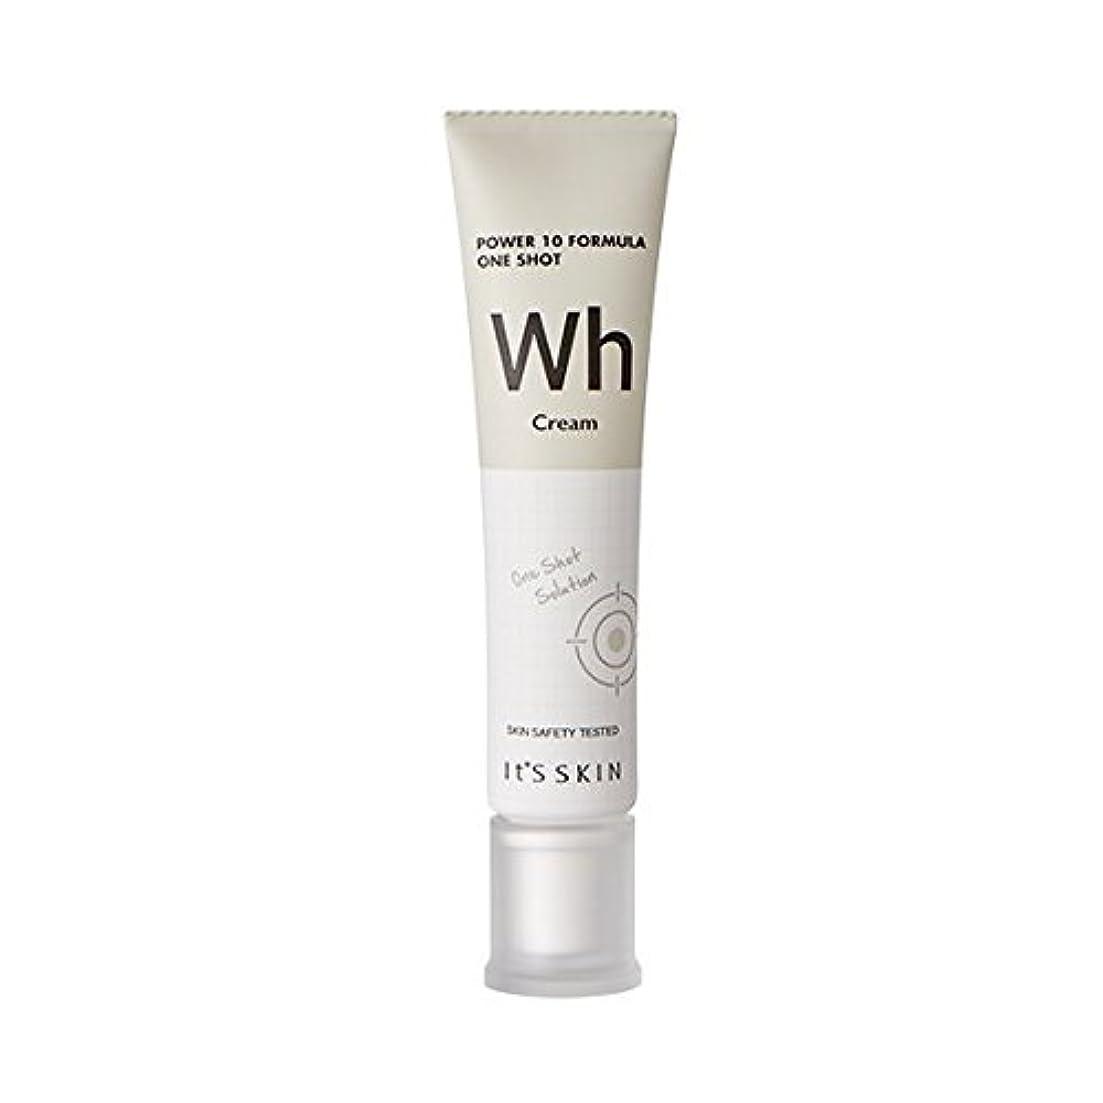 公平眠っている淡い[New] It's Skin Power 10 Formula One Shot Cream (Wh) / イッツスキンパワー10 フォーミュラワンショットクリーム [並行輸入品]